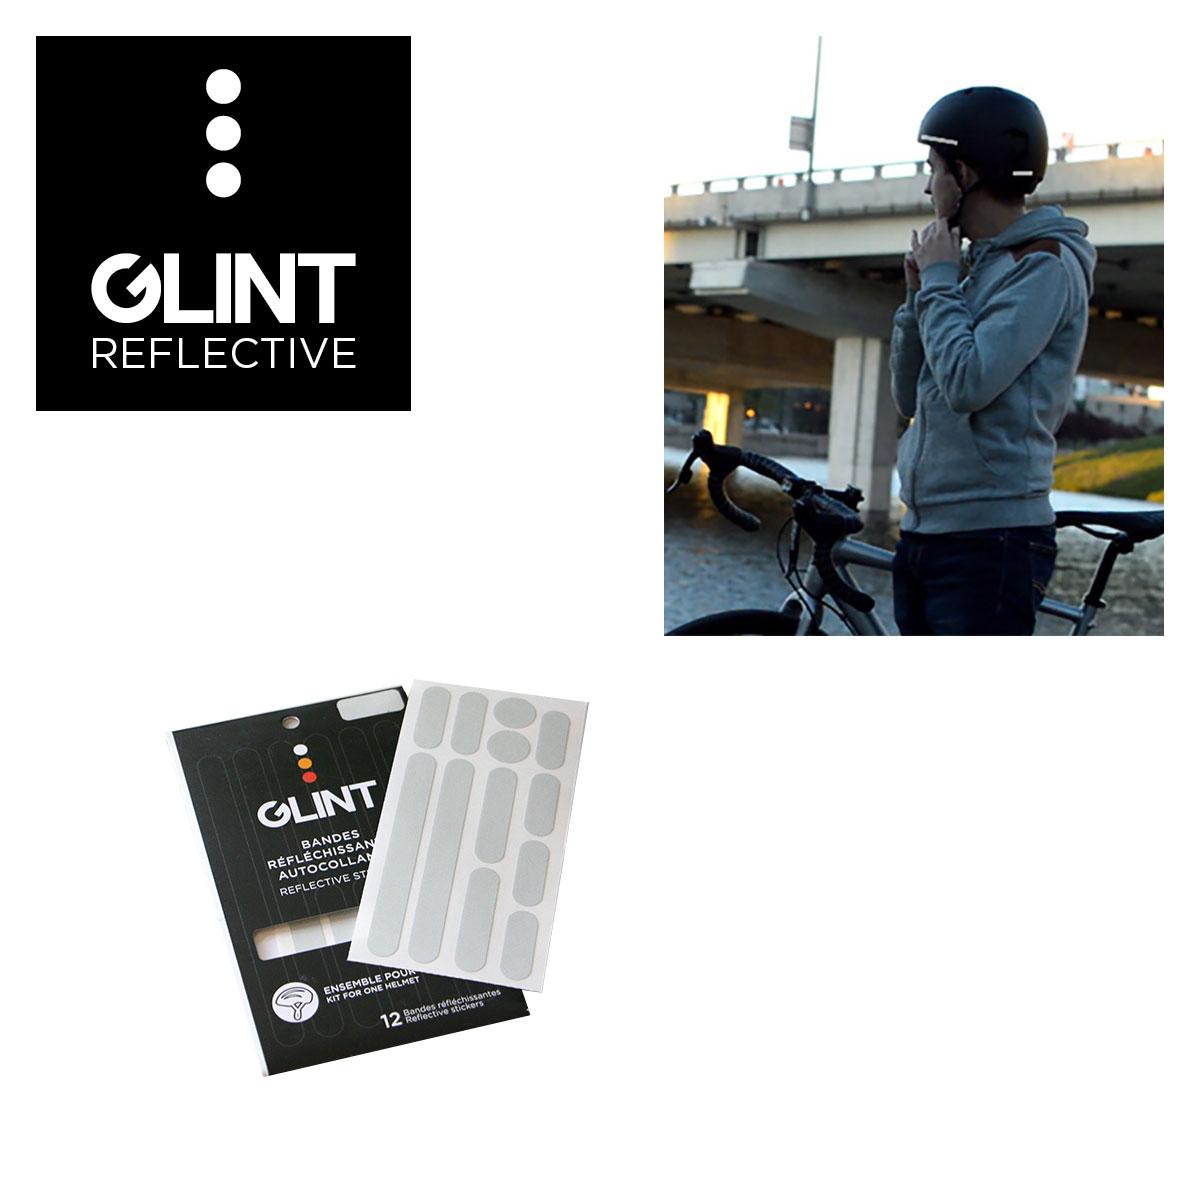 ENSEMBLE DE COLLANTS REFLECHISSANTS POUR CASQUE GLINT REFLECTIVE BLANC